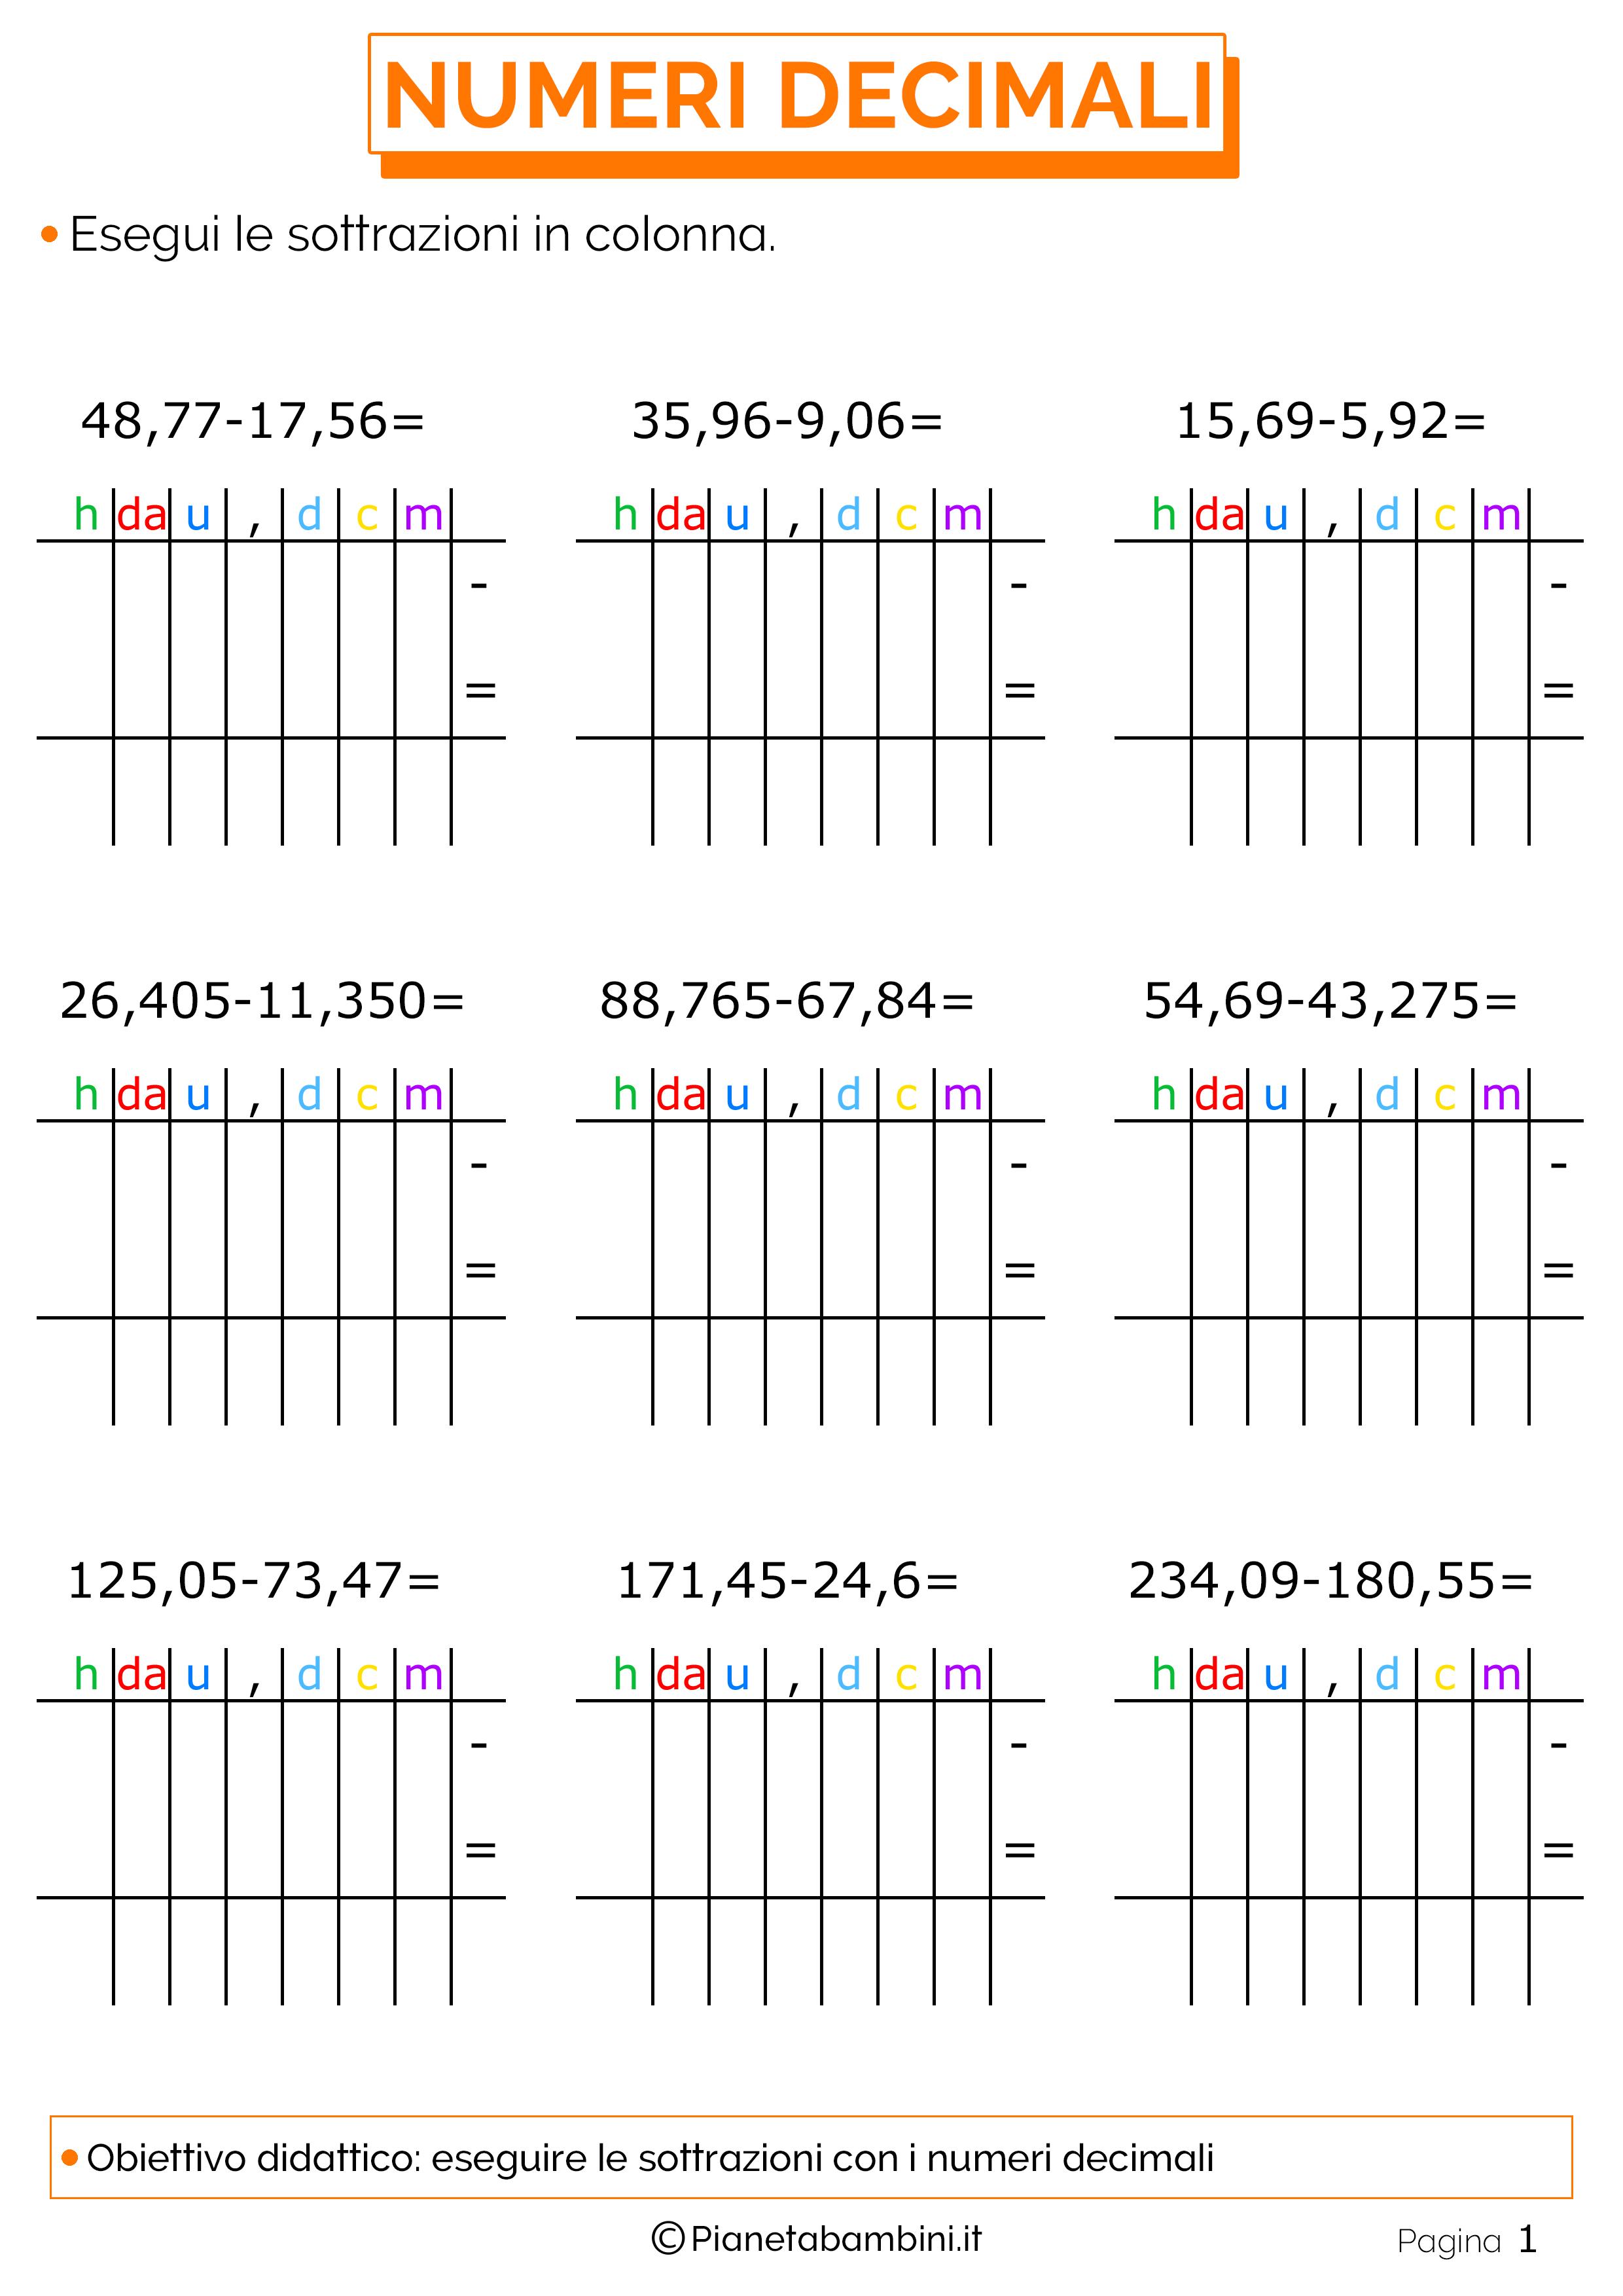 Top Esercizi sulle Sottrazioni in Colonna con i Numeri Decimali  GD18